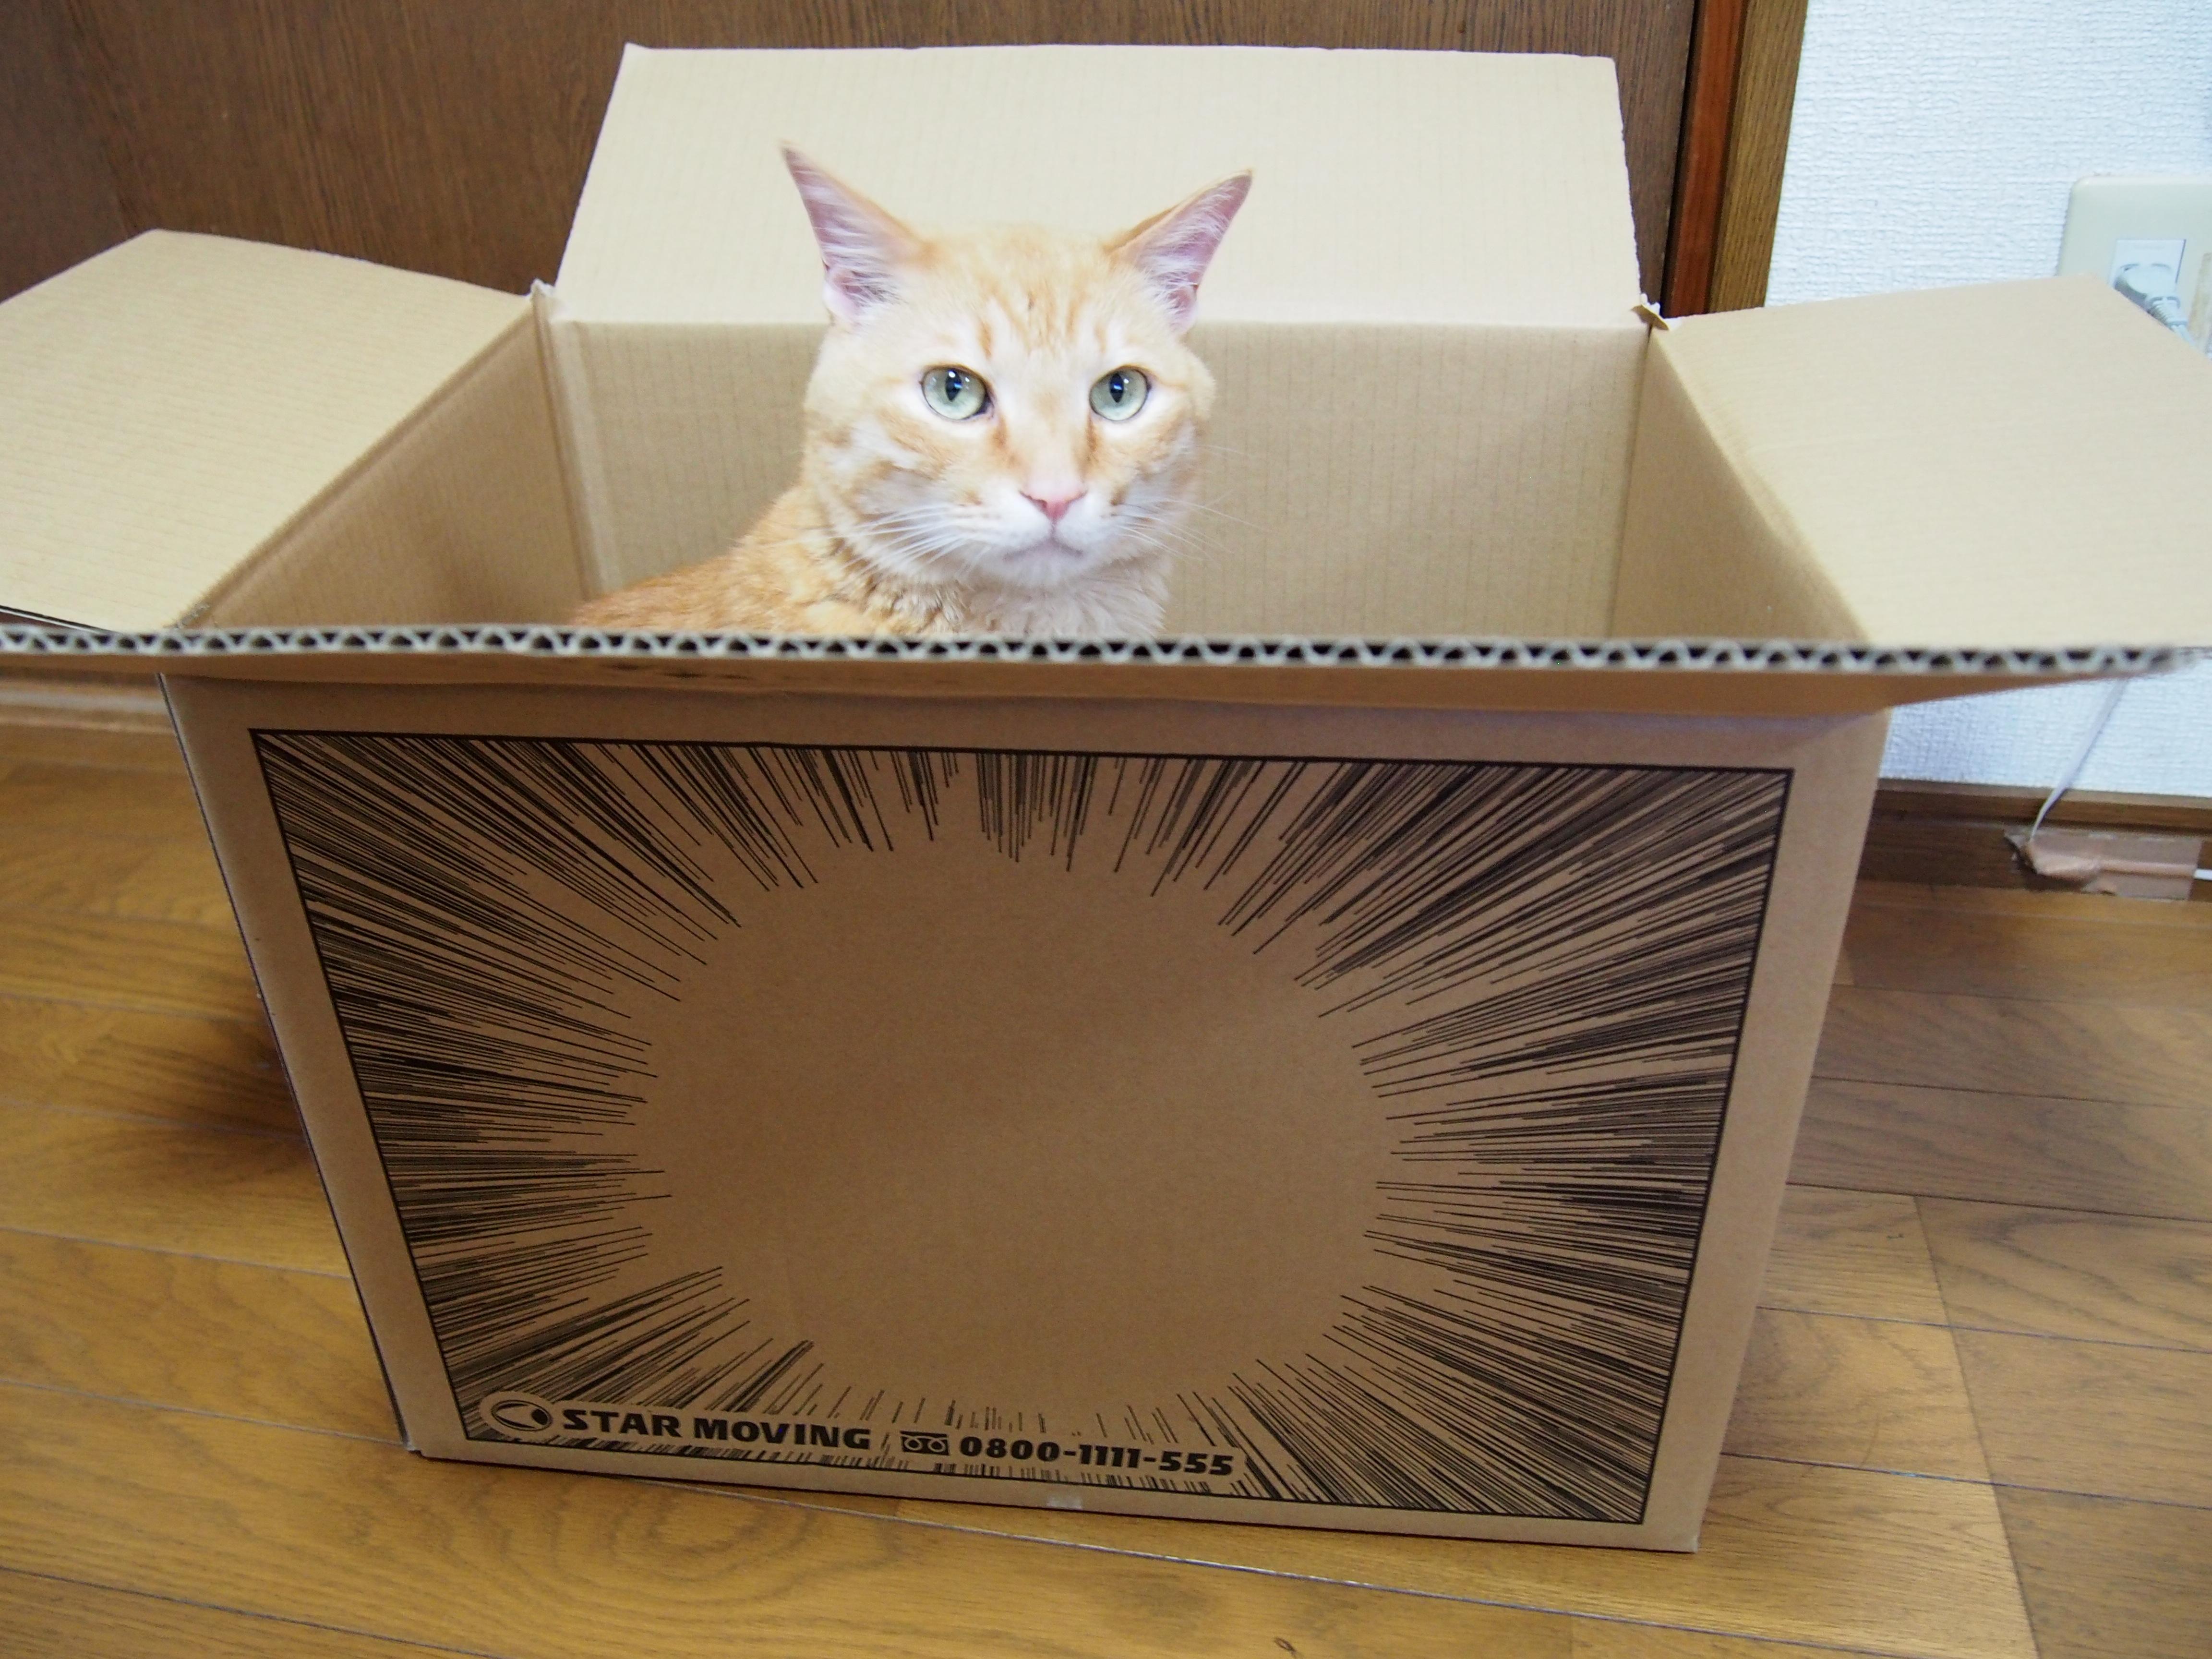 ネコと一緒に引越するときの気をつけるべきこと